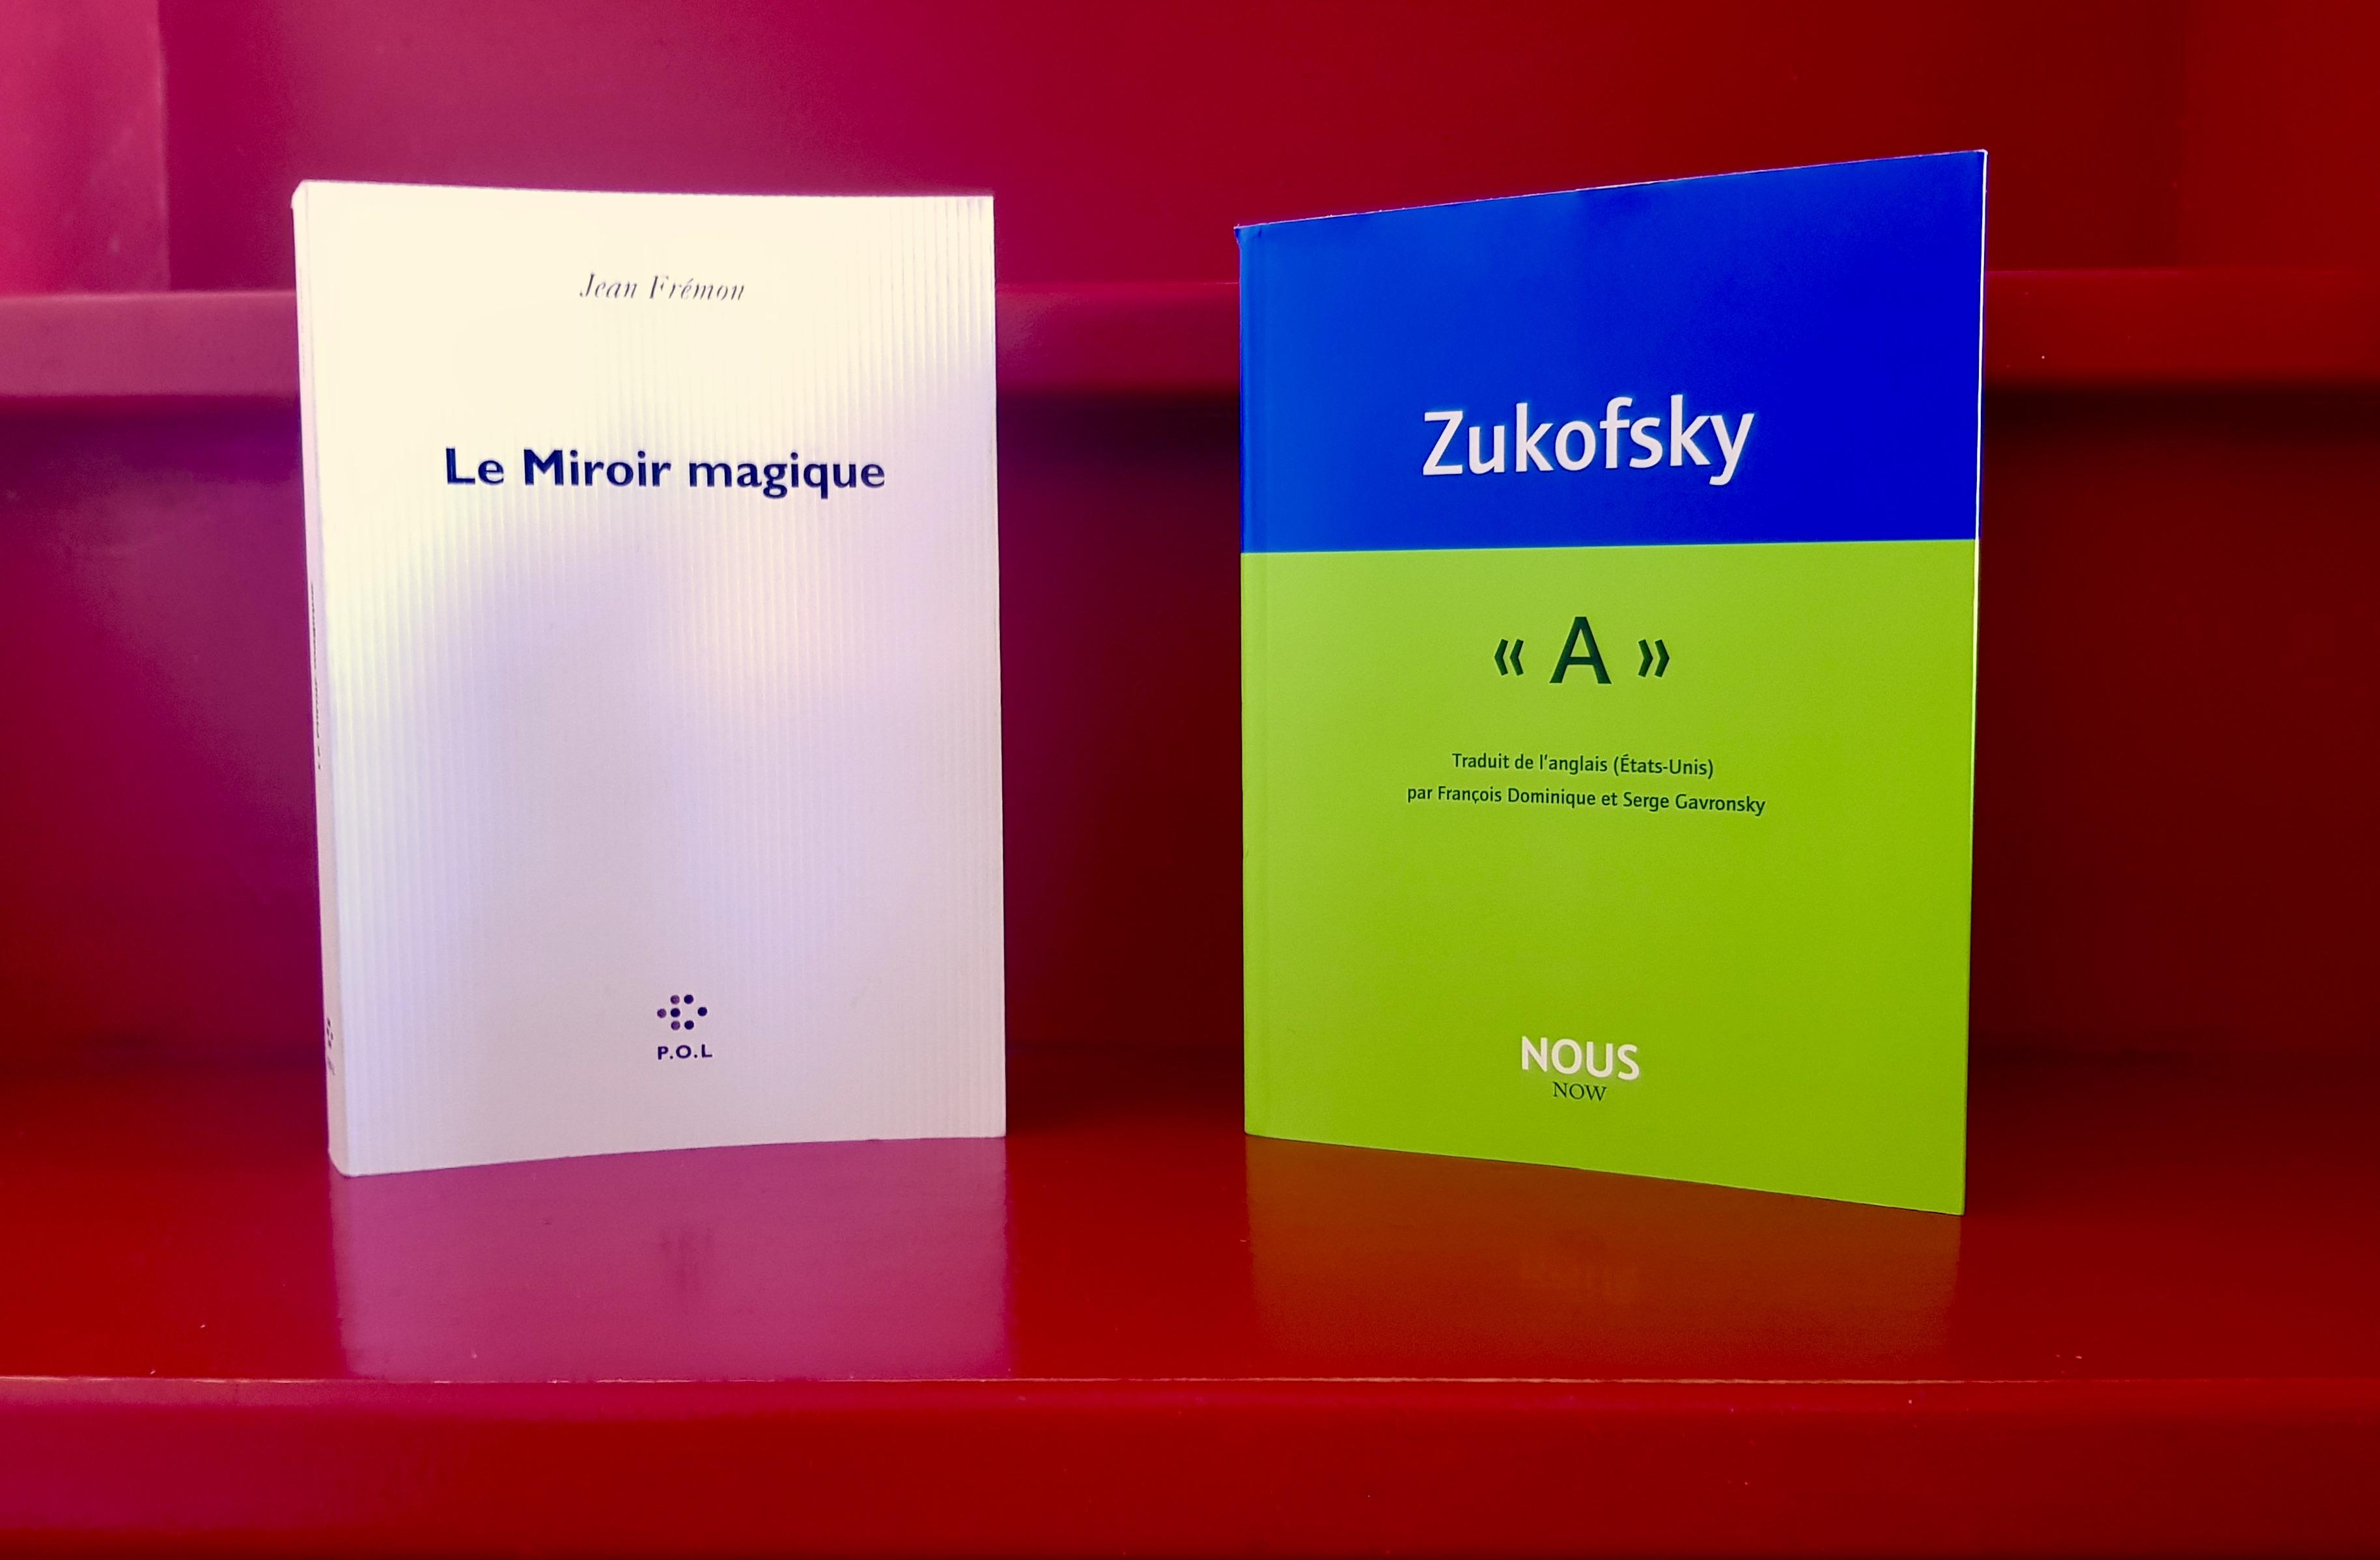 Portrait vivant & poème d'une vie : Jean Frémon et Louis Zukofsky